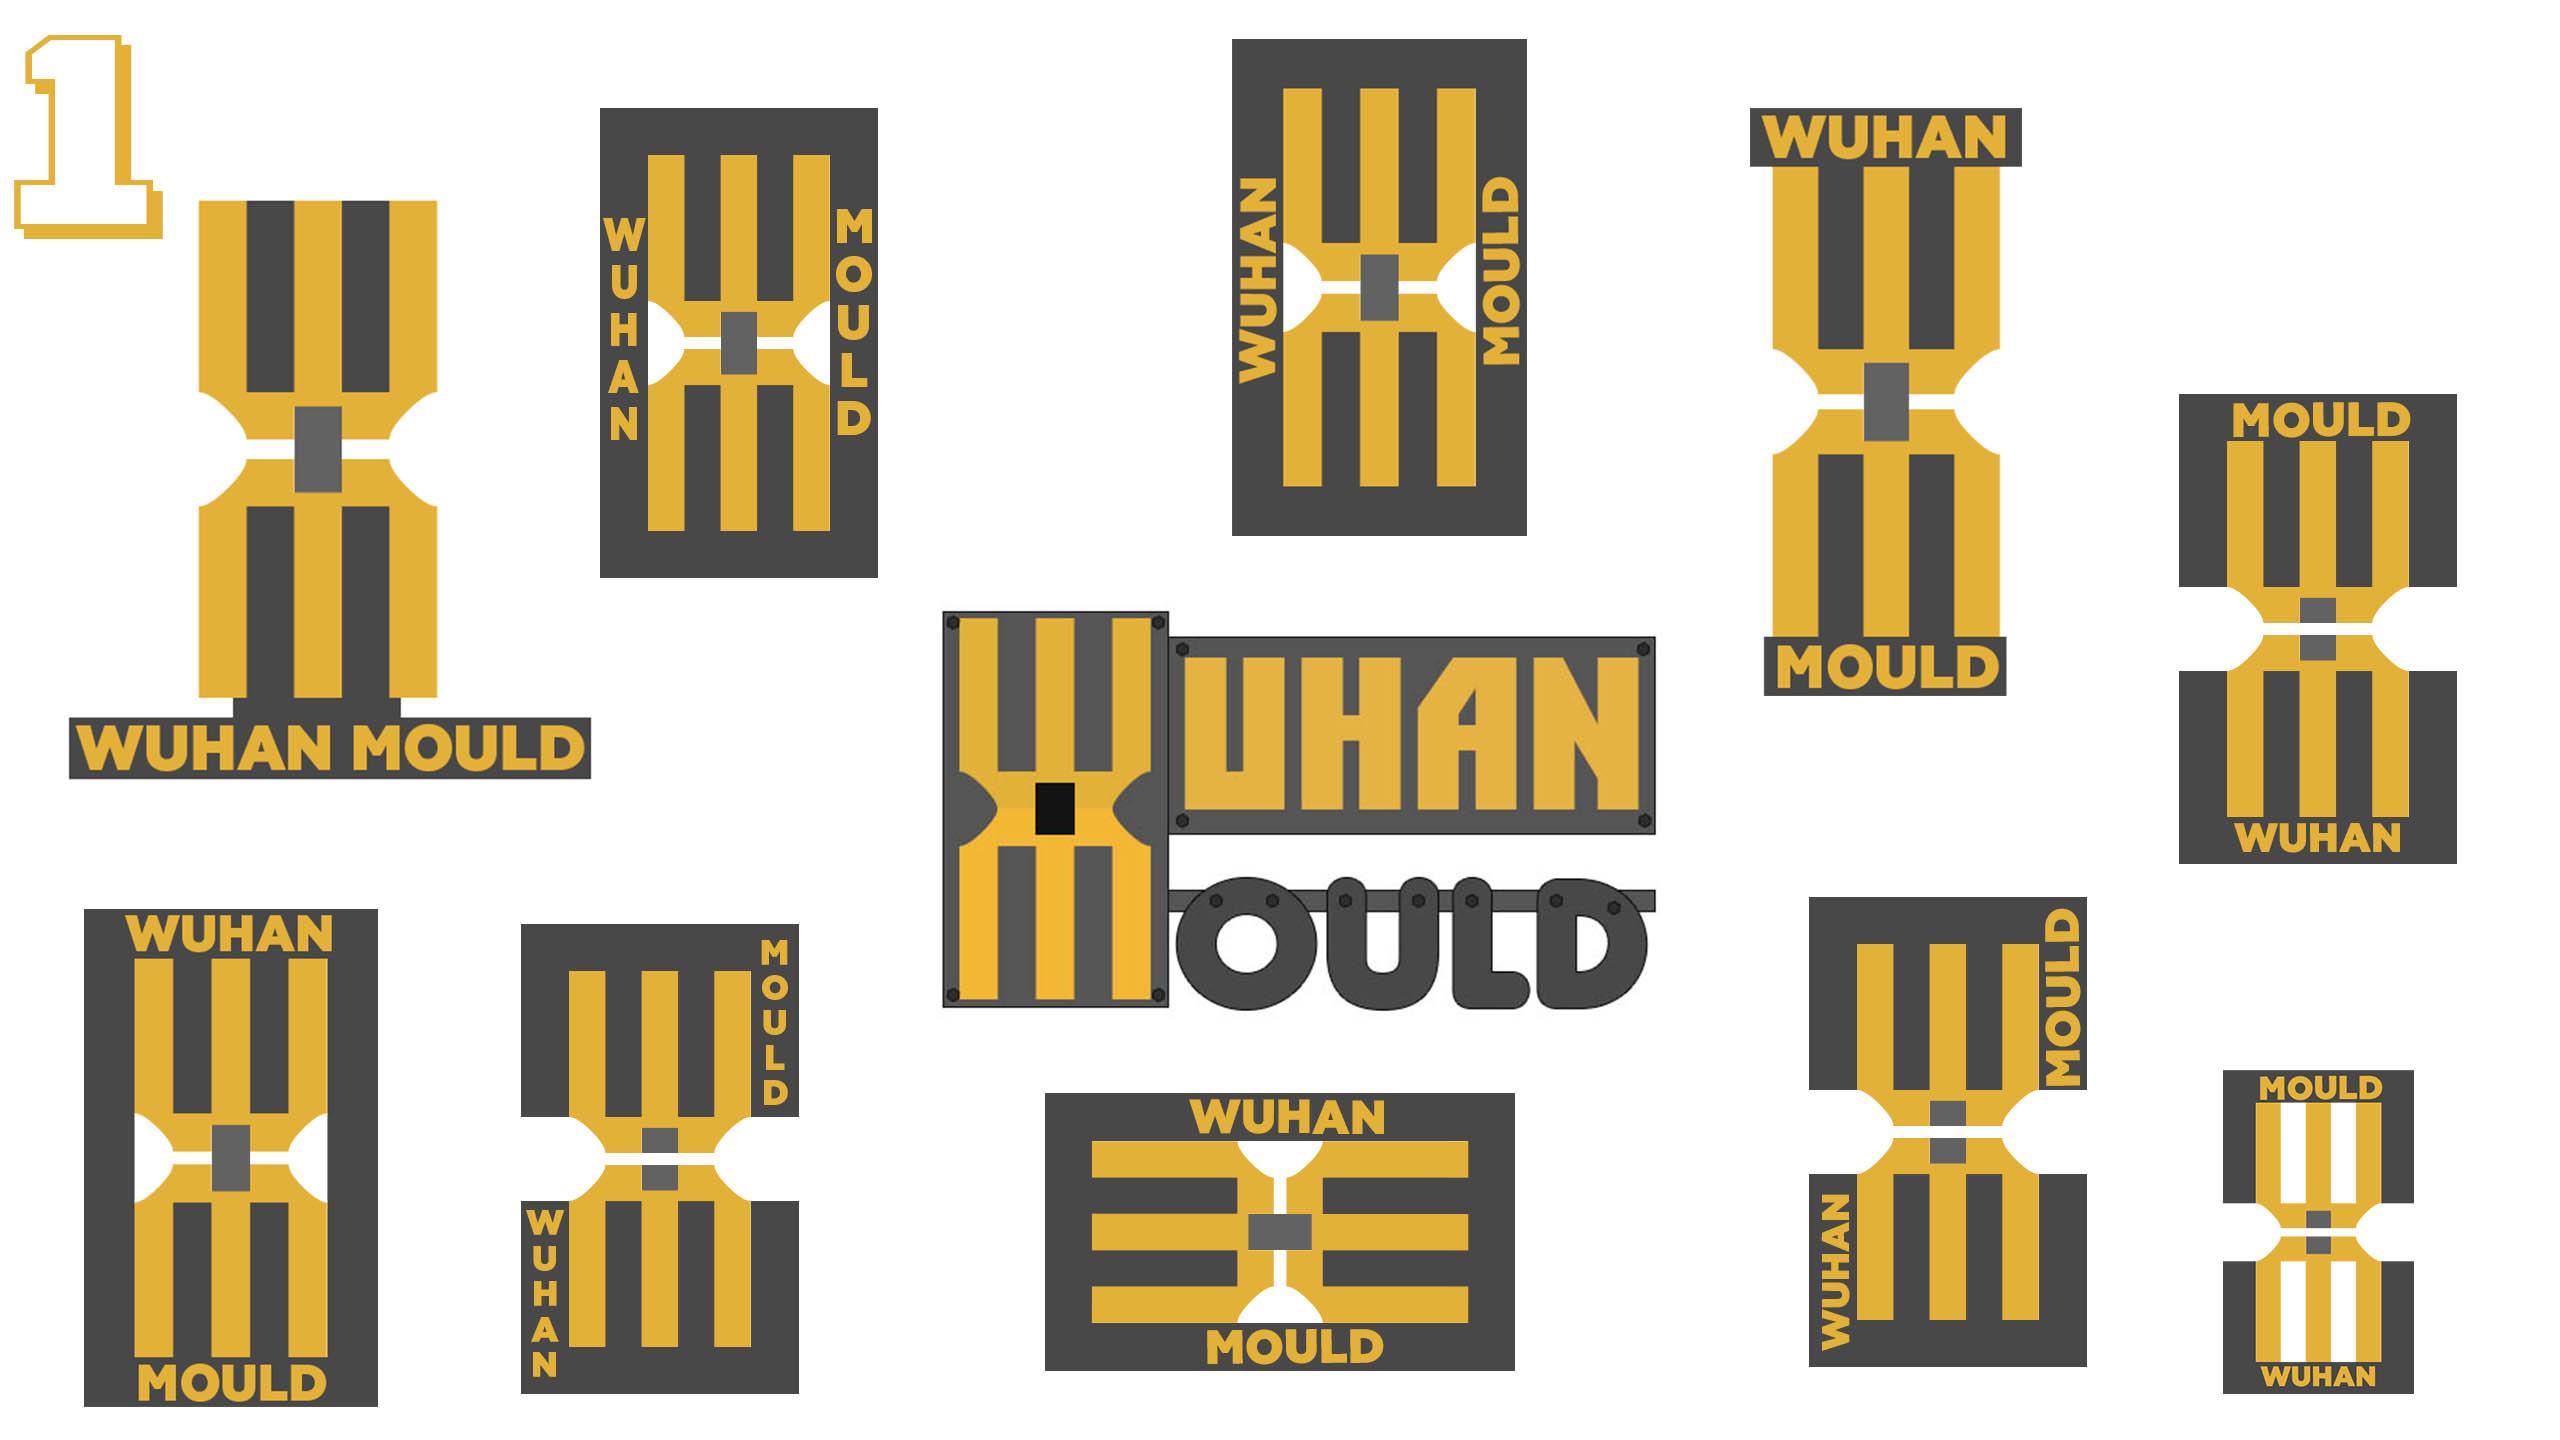 Создать логотип для фабрики пресс-форм фото f_96459905db7b7558.jpg